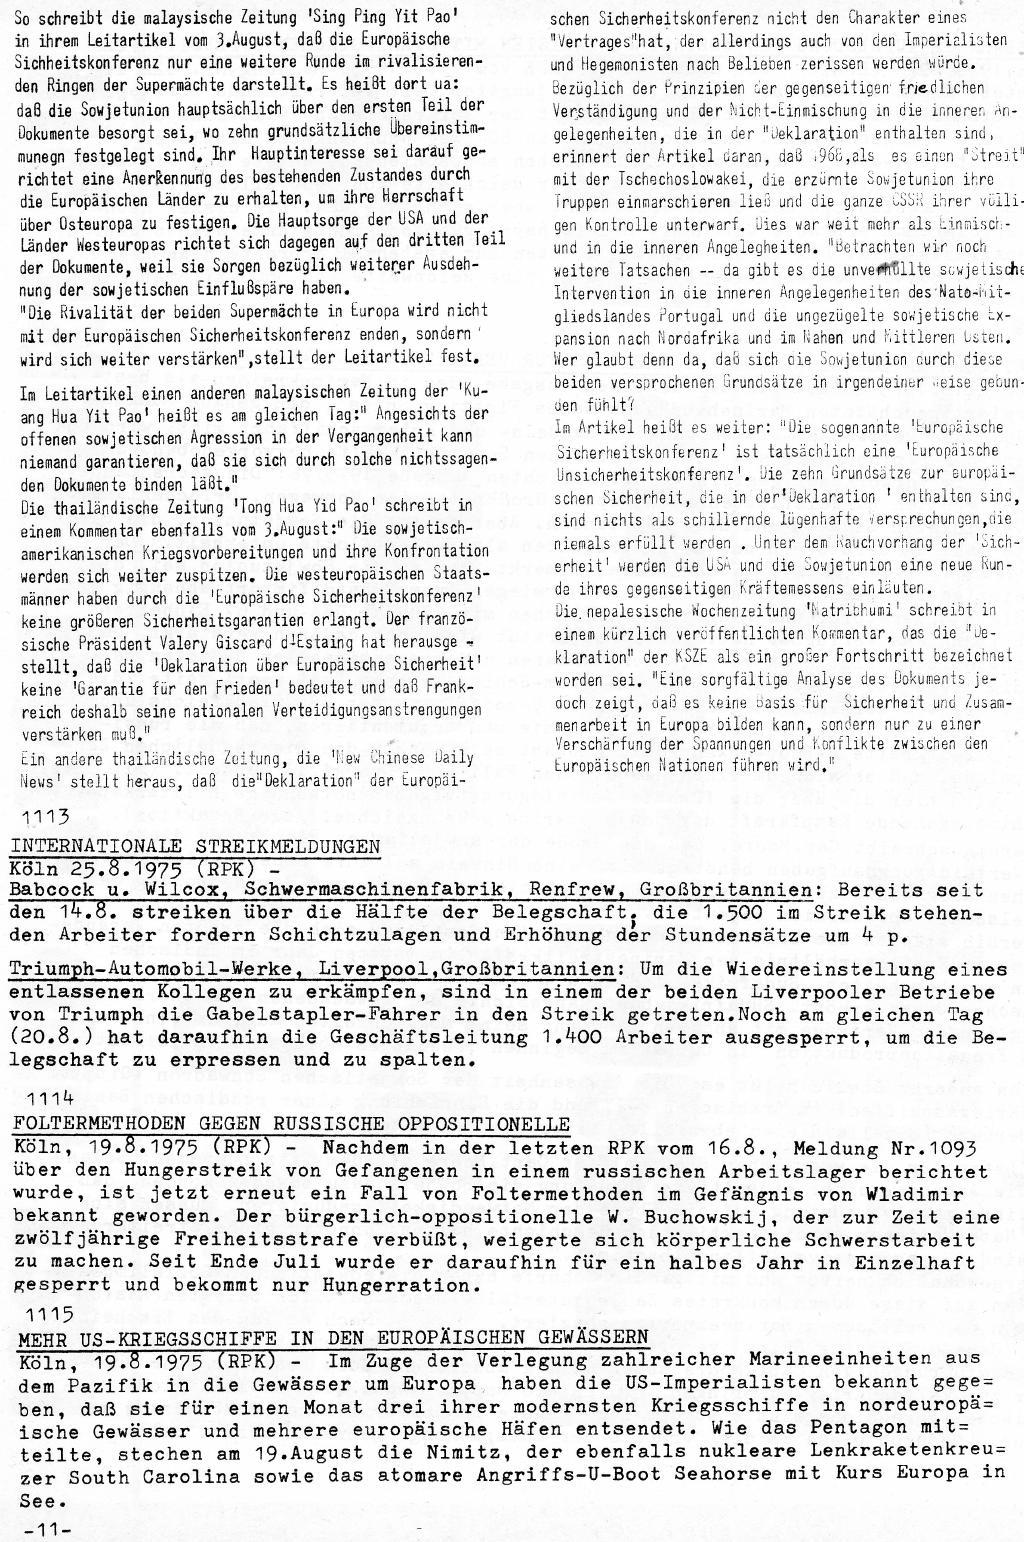 RPK_Pressedienst_1975_40_11